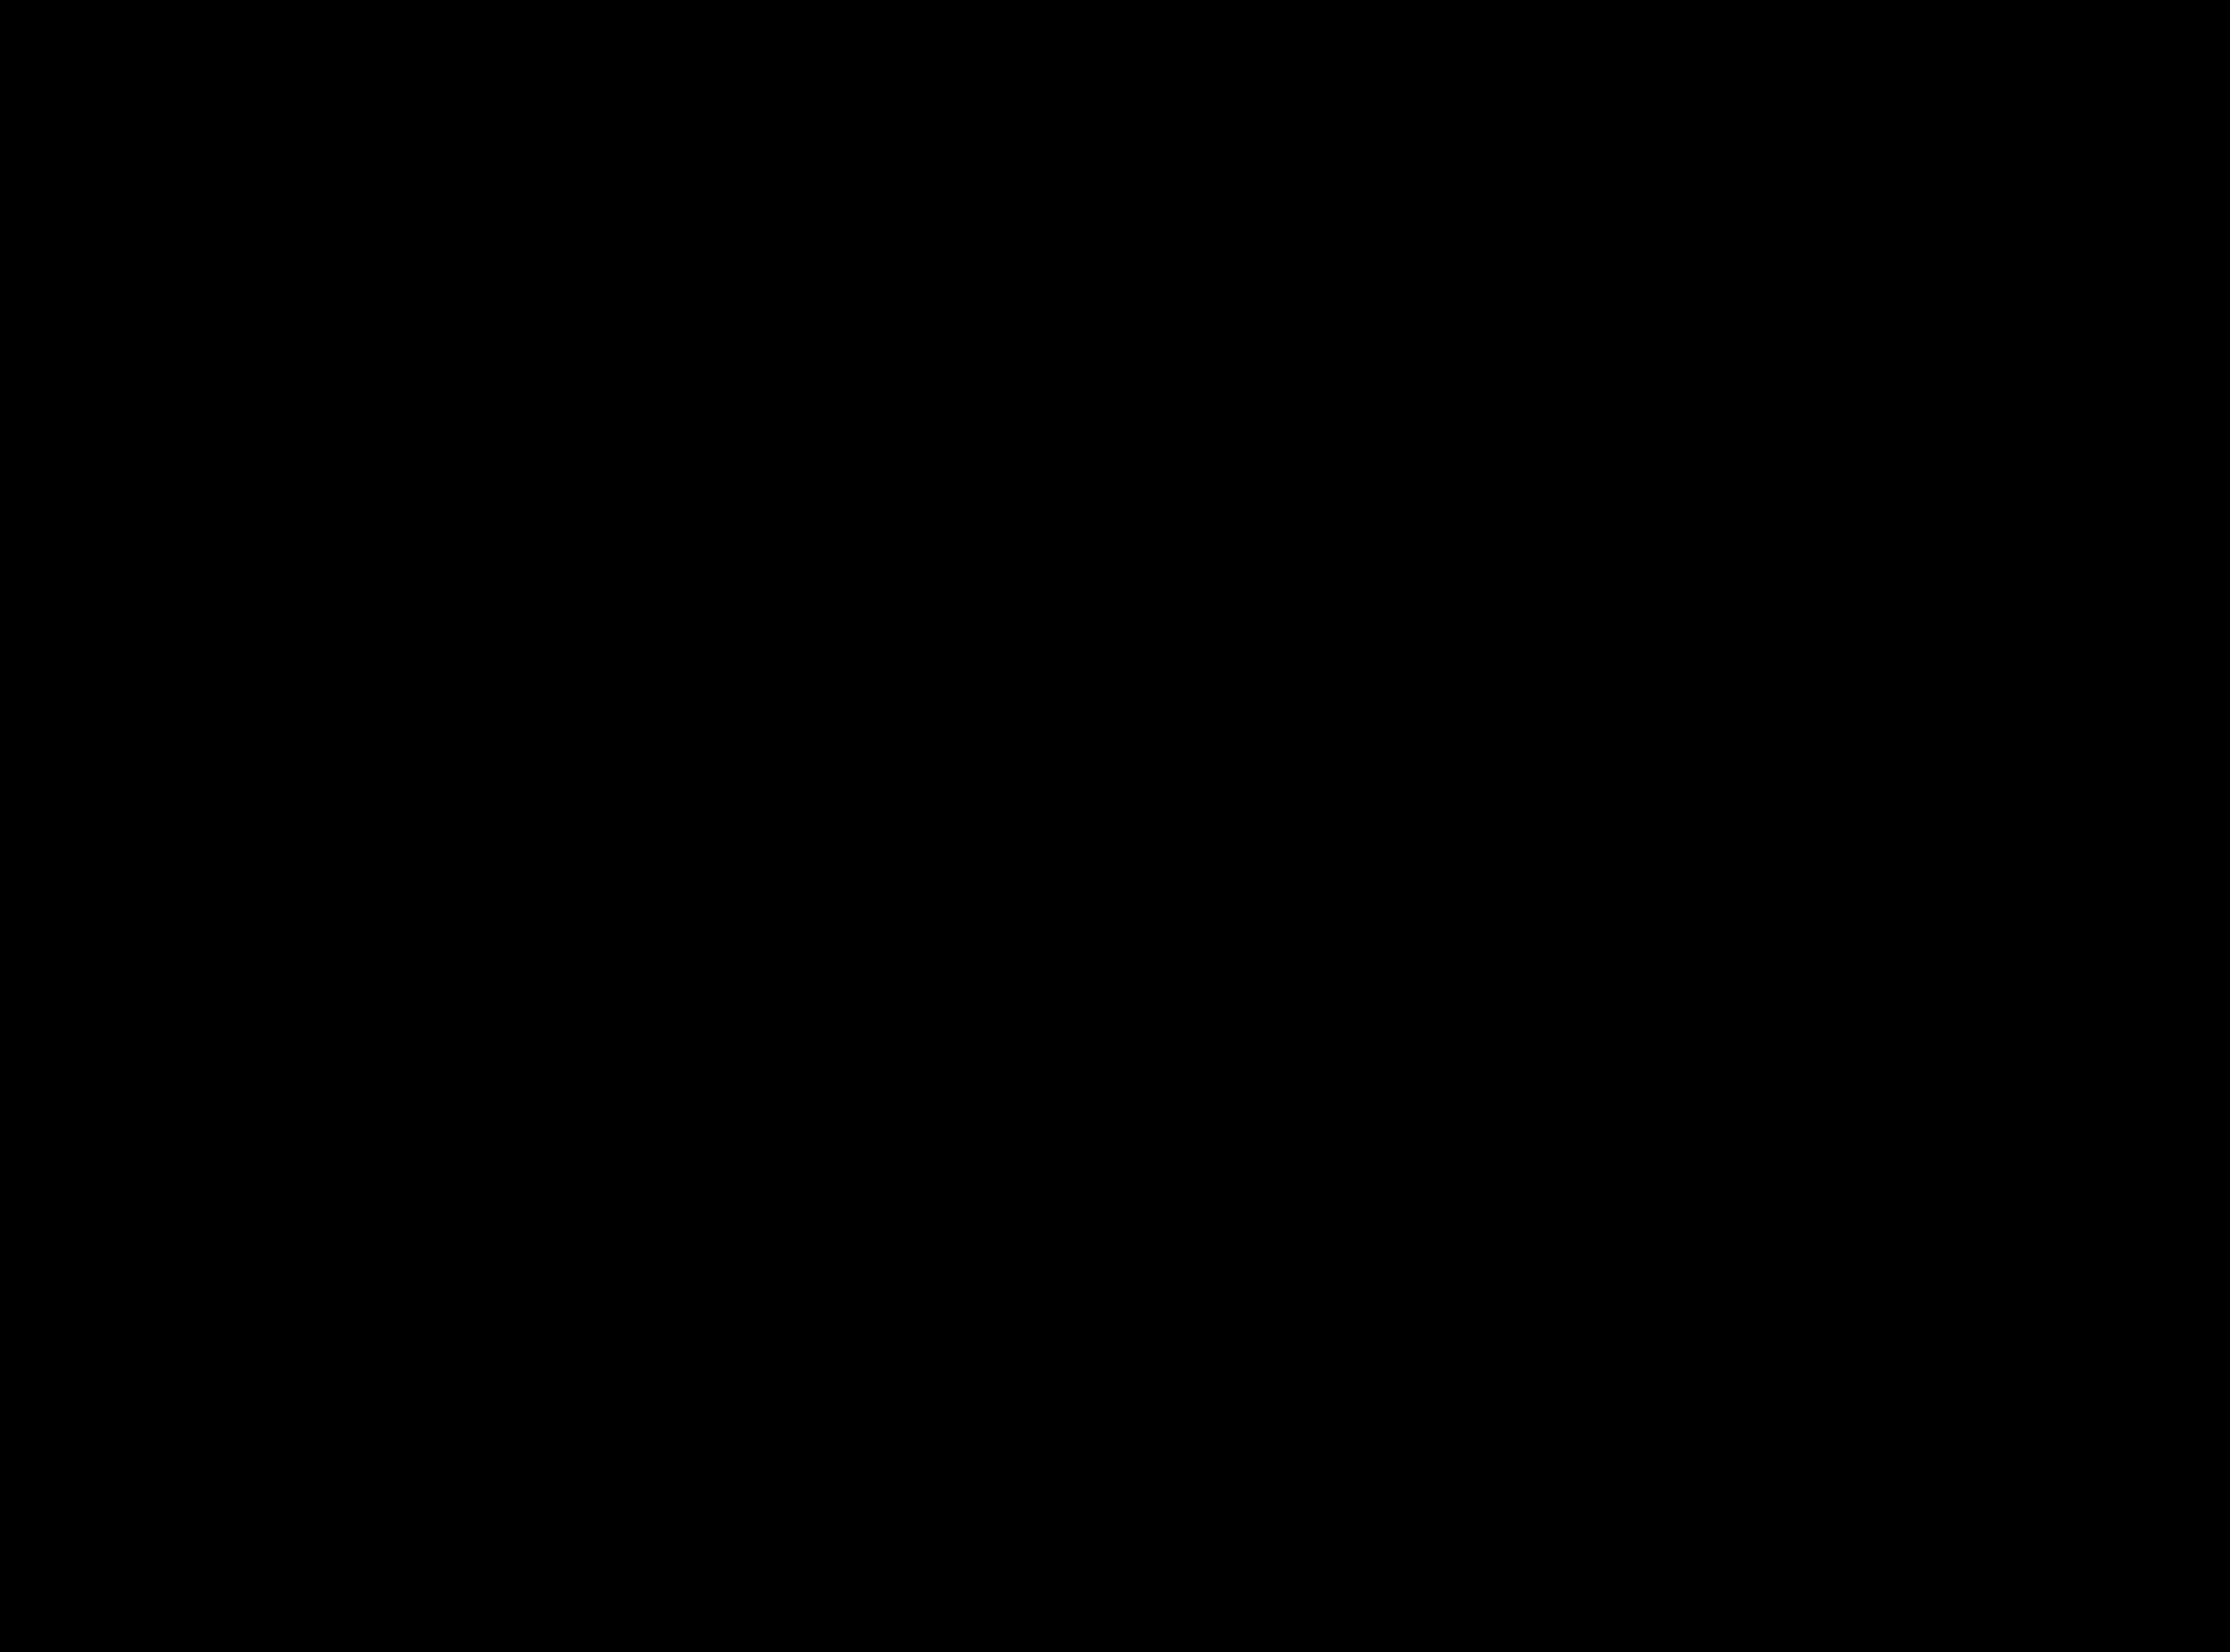 Logo-Fete-de-la-citrouille